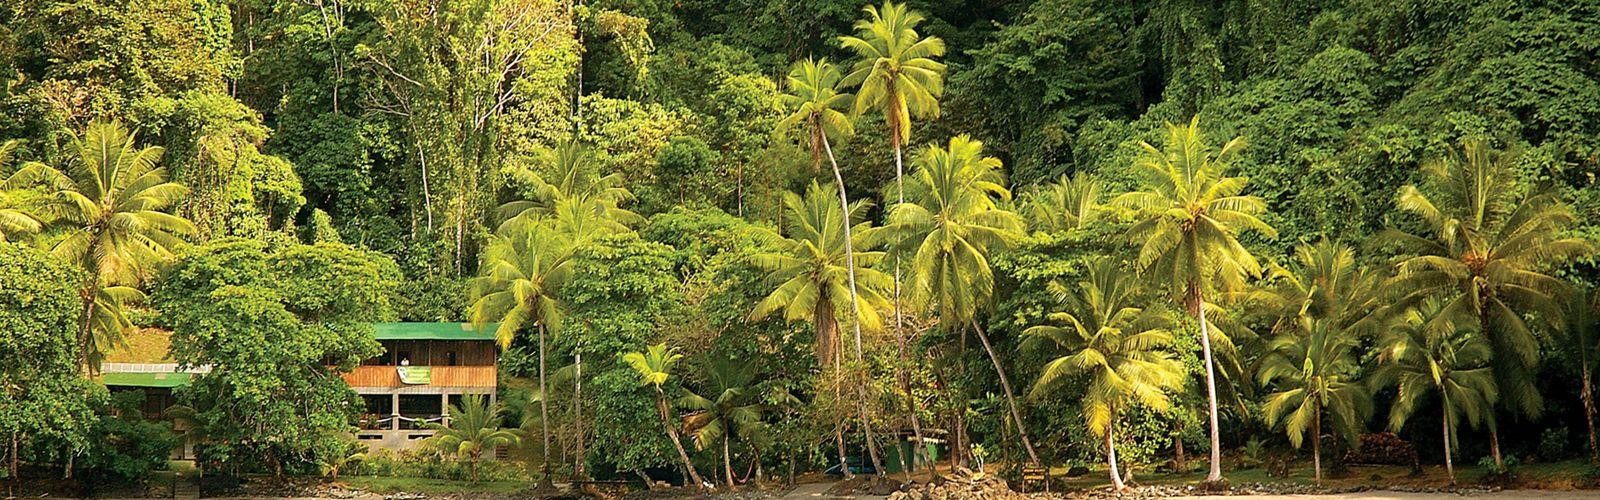 Vista de la Estación Biológica Campanario (Reserva Biológica Campanario) y la selva situada en la costa del Pacífico de la Península de Osa en Costa Rica.